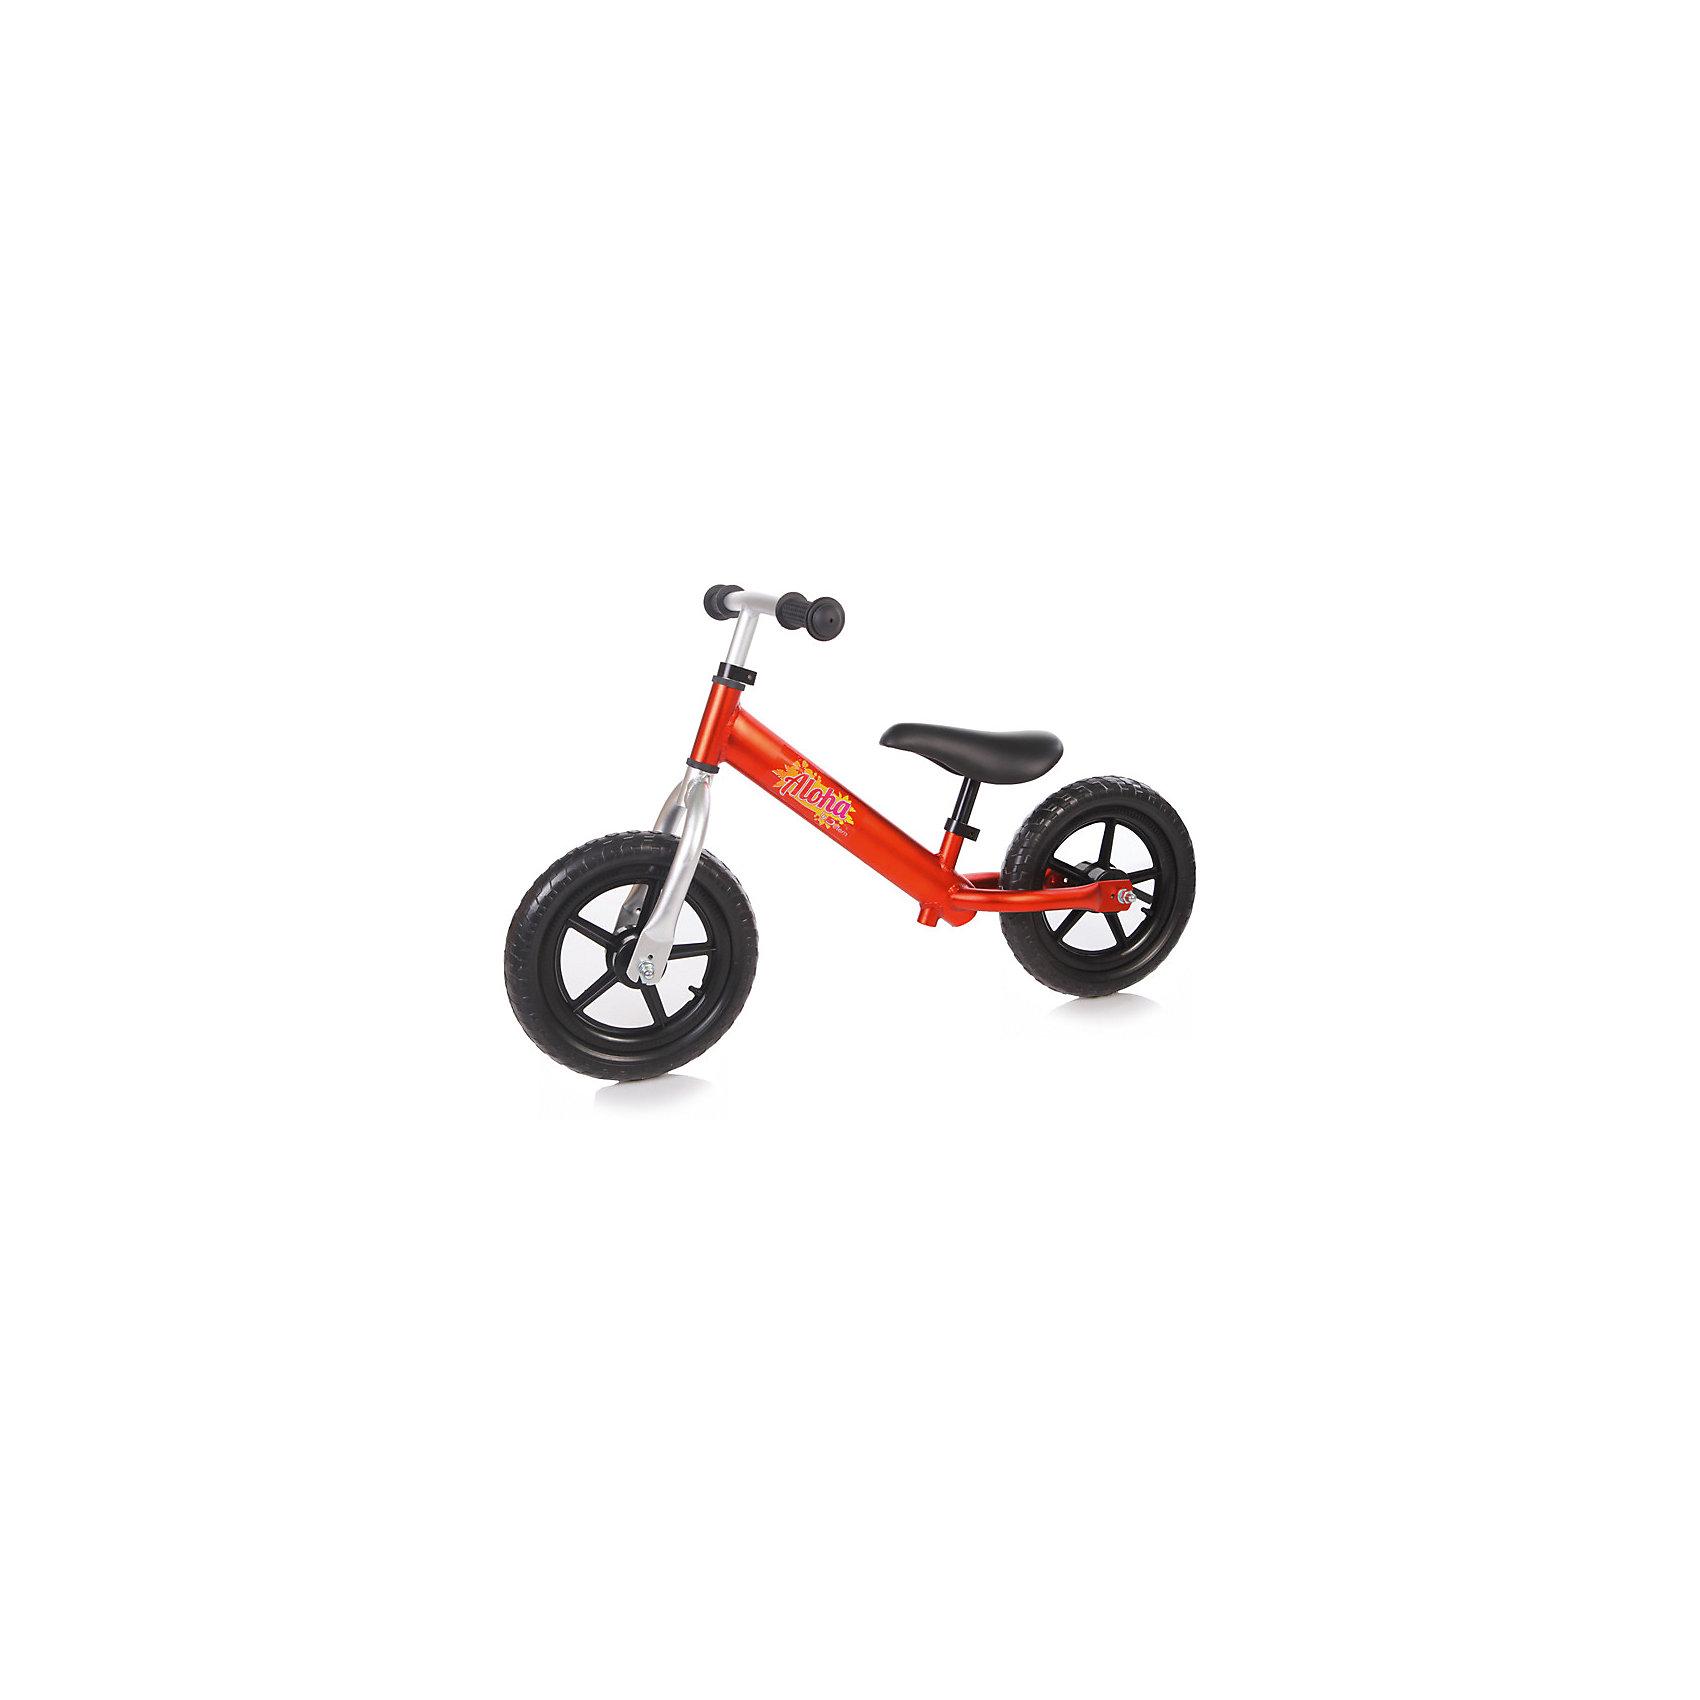 Беговел детский ALOHA, красный, JetemБеговелы<br>Jetem, Беговел детский ALOHA – беговел на 12-дюймовых колесах без тормоза и без подножки с алюминиевой рамой. Лучший способ разнообразить летнюю прогулку с ребенком. Высоту руля и сидения можно регулировать.Беговелы – это детские двухколесные велосипеды, у которых нет педалей. Они совмещают в себе черты велосипеда и самоката и помогают держать равновесие. Особенности:· 12 дюймовые колеса из пластика с покрышкой из EVA· эргономичное сидение с мягкой накладкой· алюминиевая рама· без тормоза· без подножки· сиденье регулируется по высоте· руль регулируется по высоте Характеристики:· диаметр колес — 12 дюймов·  предназначен для детей от 3 лет до 27кг·вес: 2,1кг·  размер беговела: 83х38х54см· минимальная высота руля от земли 48см·   максимальная высота руля от земли 56см<br><br>Ширина мм: 630<br>Глубина мм: 160<br>Высота мм: 290<br>Вес г: 2700<br>Возраст от месяцев: 24<br>Возраст до месяцев: 72<br>Пол: Унисекс<br>Возраст: Детский<br>SKU: 5475691